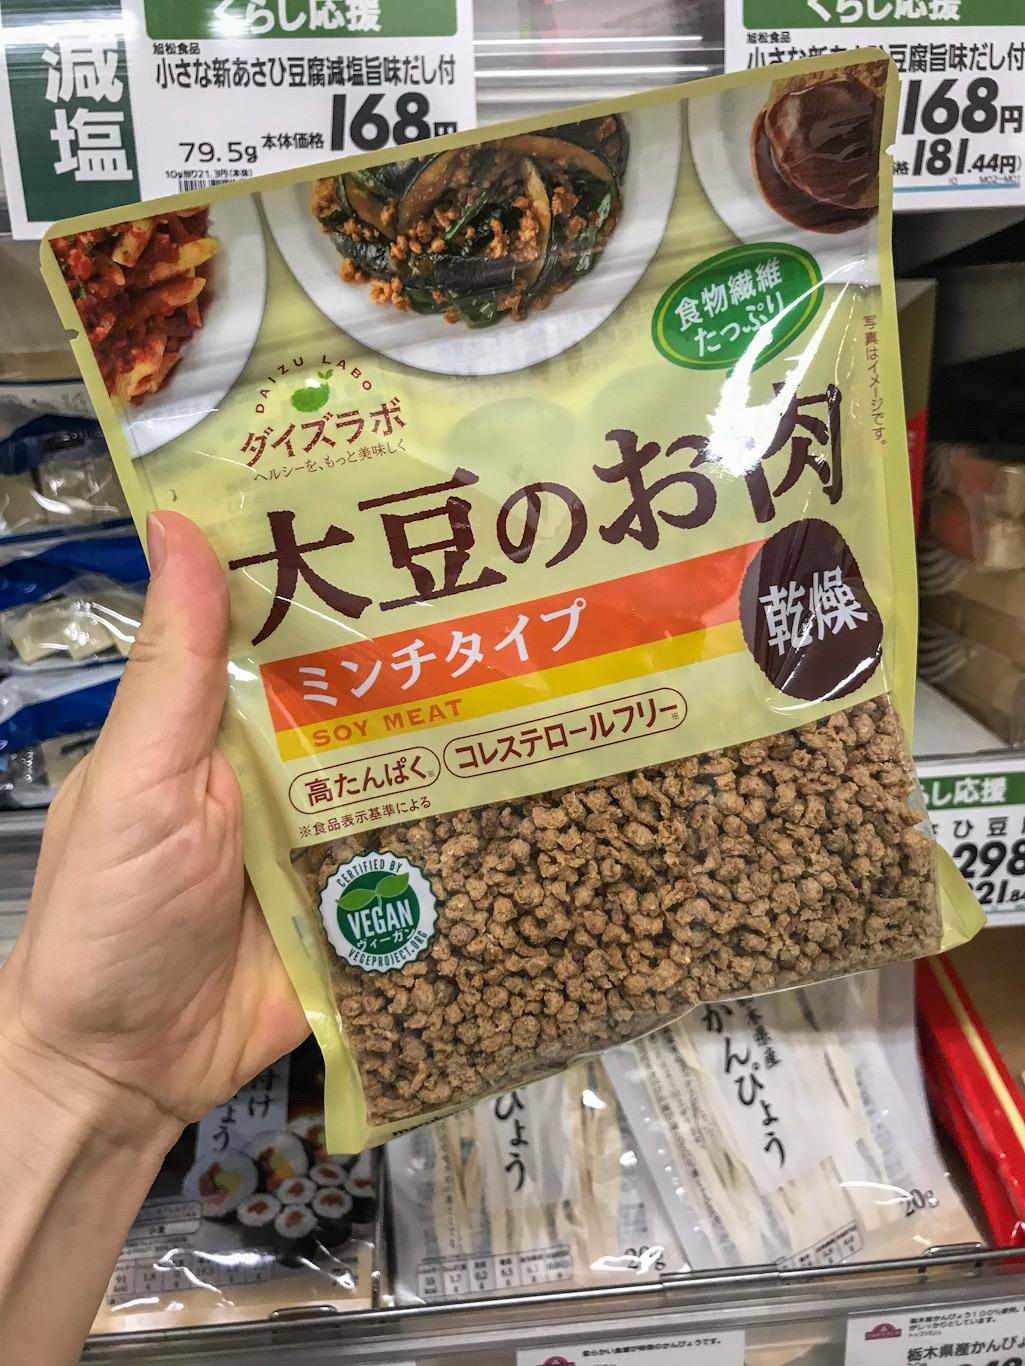 מוצרים טבעוניים ביפן